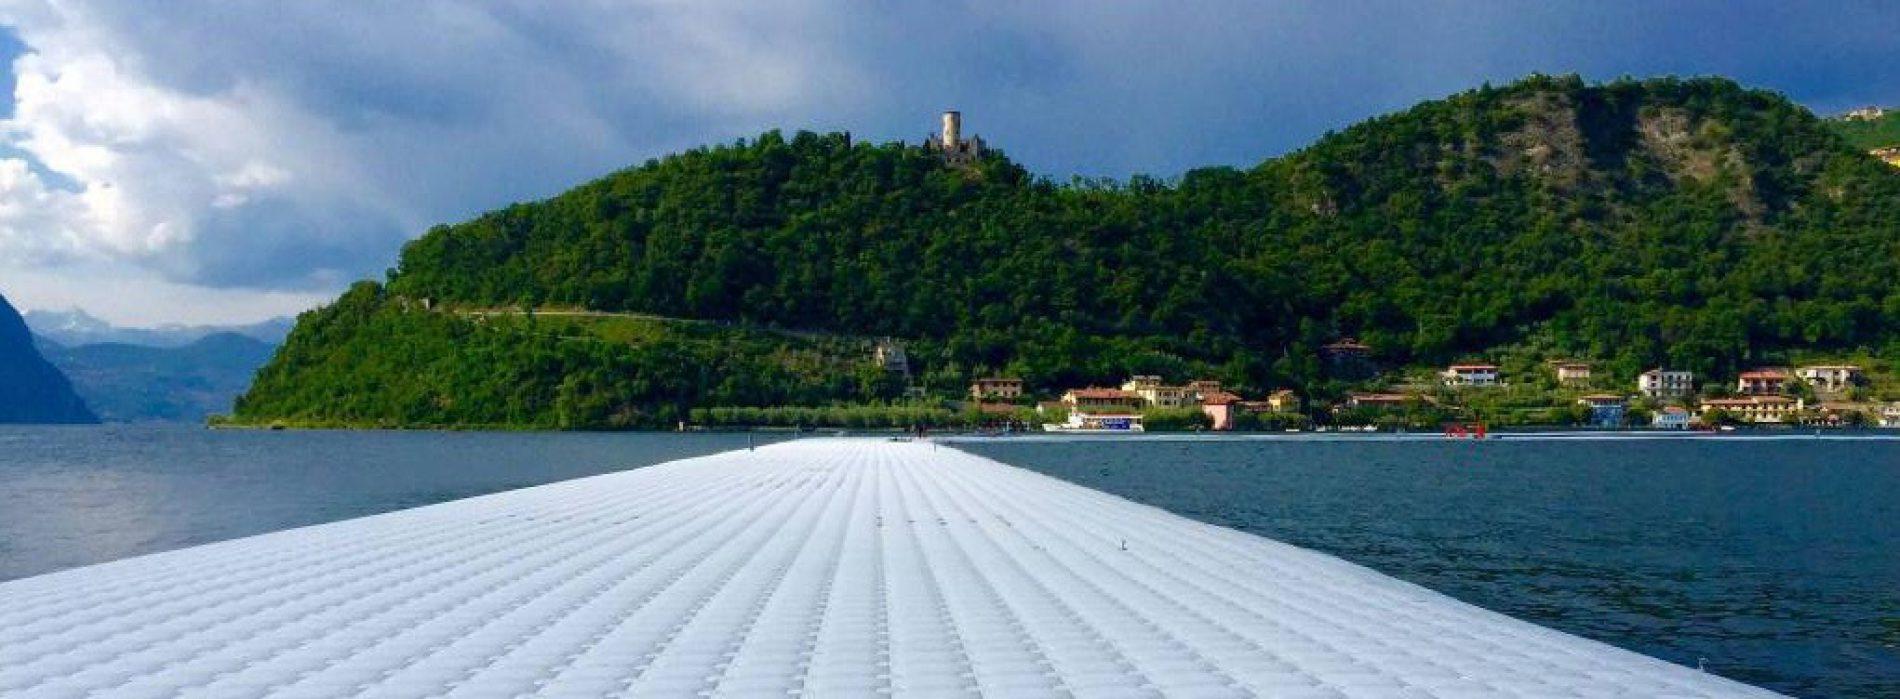 La famosa passerella di Christo sul lago sarà riciclata